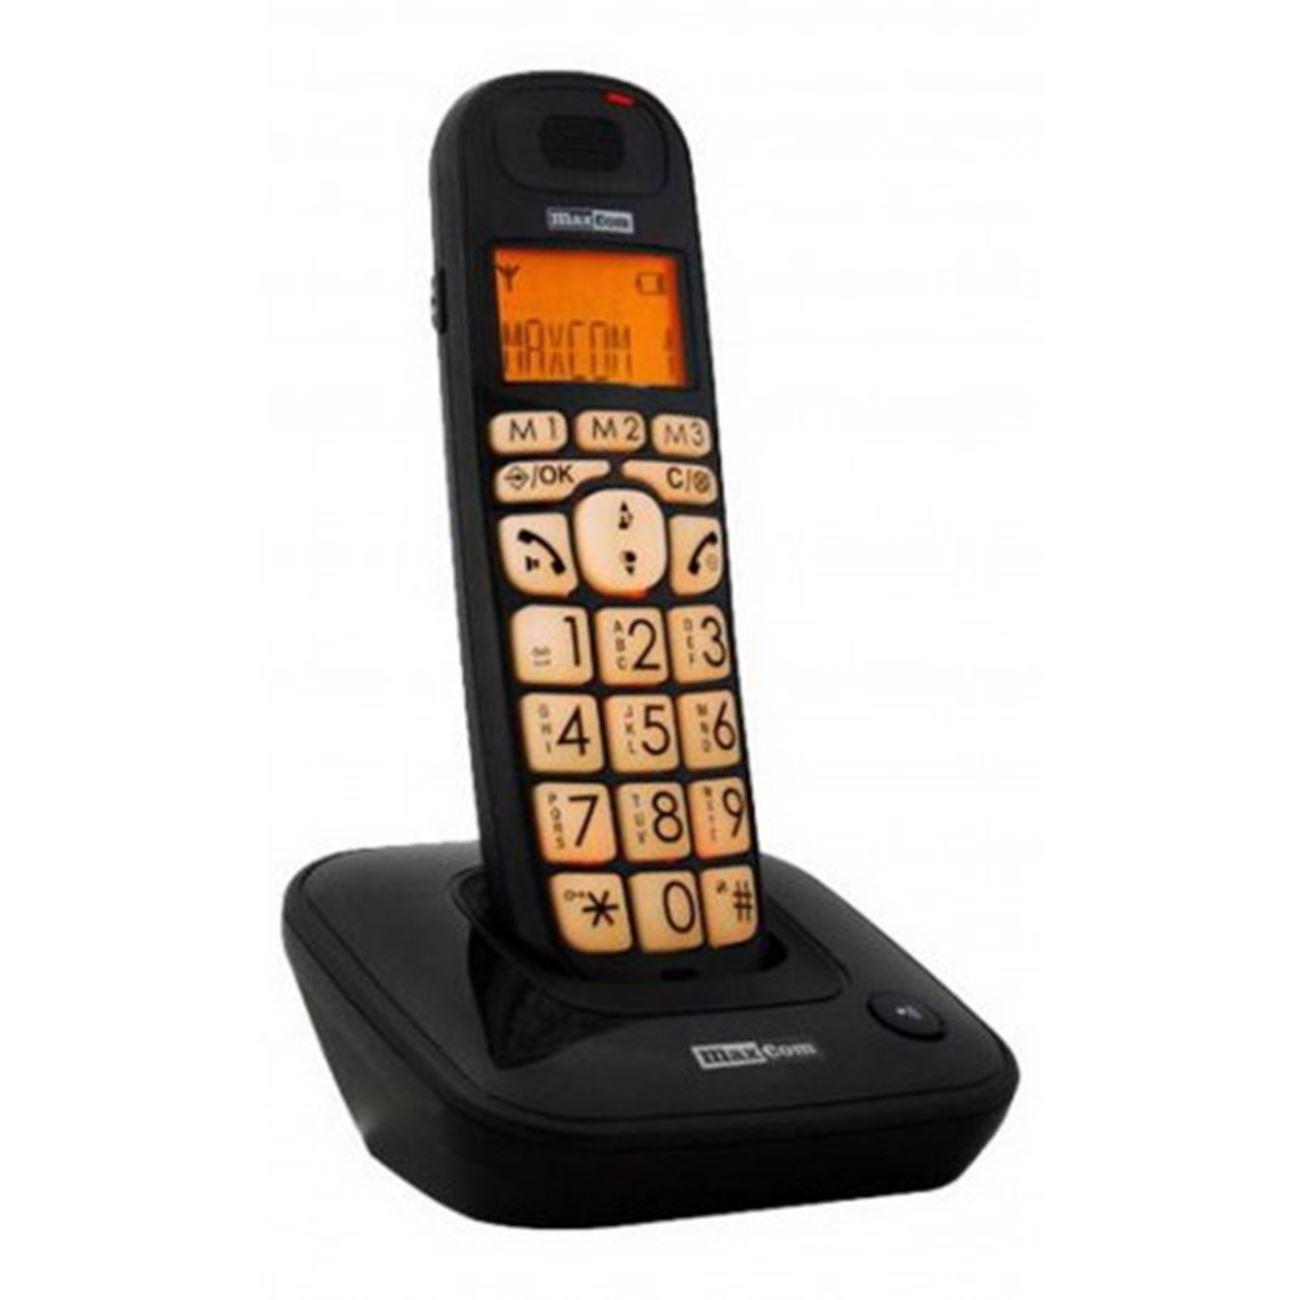 Πότε να δώσετε σε κάποιον τον αριθμό του τηλεφώνου σας σε απευθείας σύνδεση